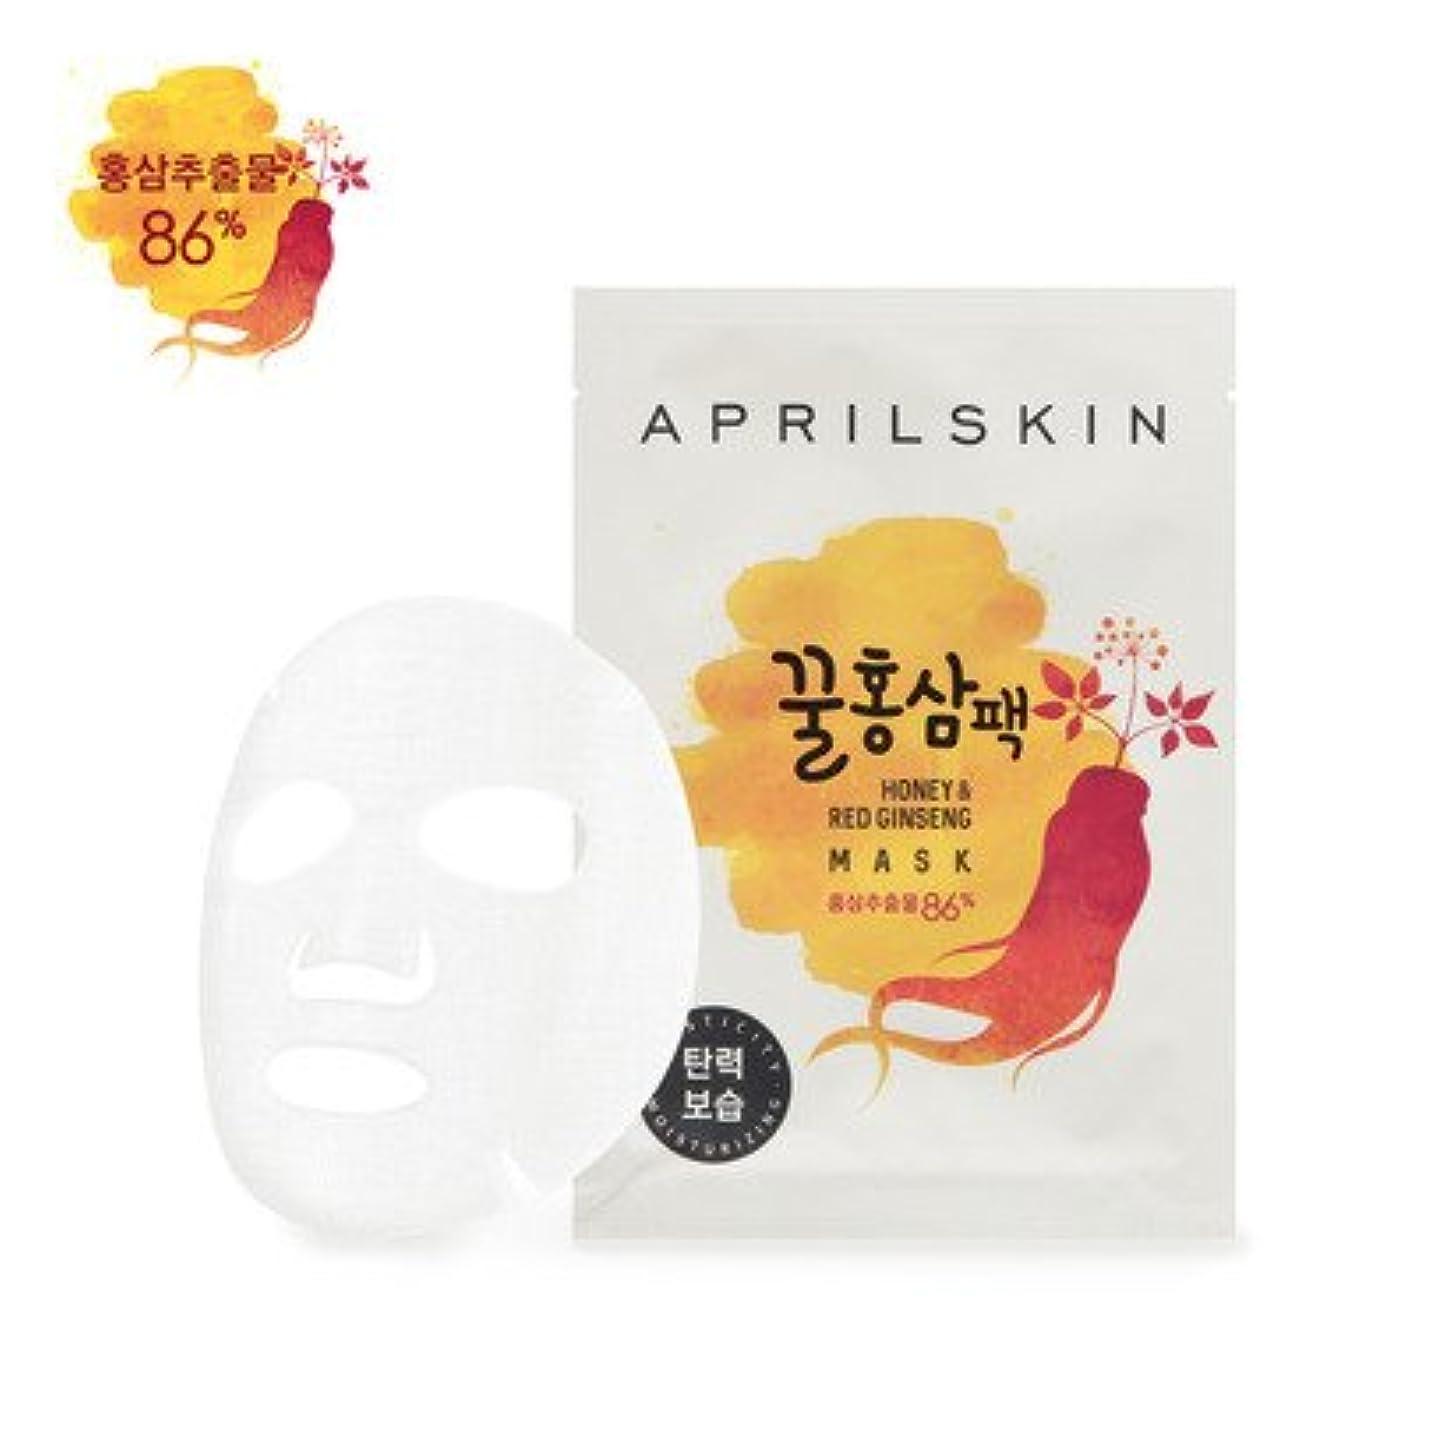 冒険液化する有罪APRILSKIN Honey & Red Ginseng Mask 25g × 10EA/エイプリルスキン ハニー&紅参 マスク 25g × 10枚 [並行輸入品]